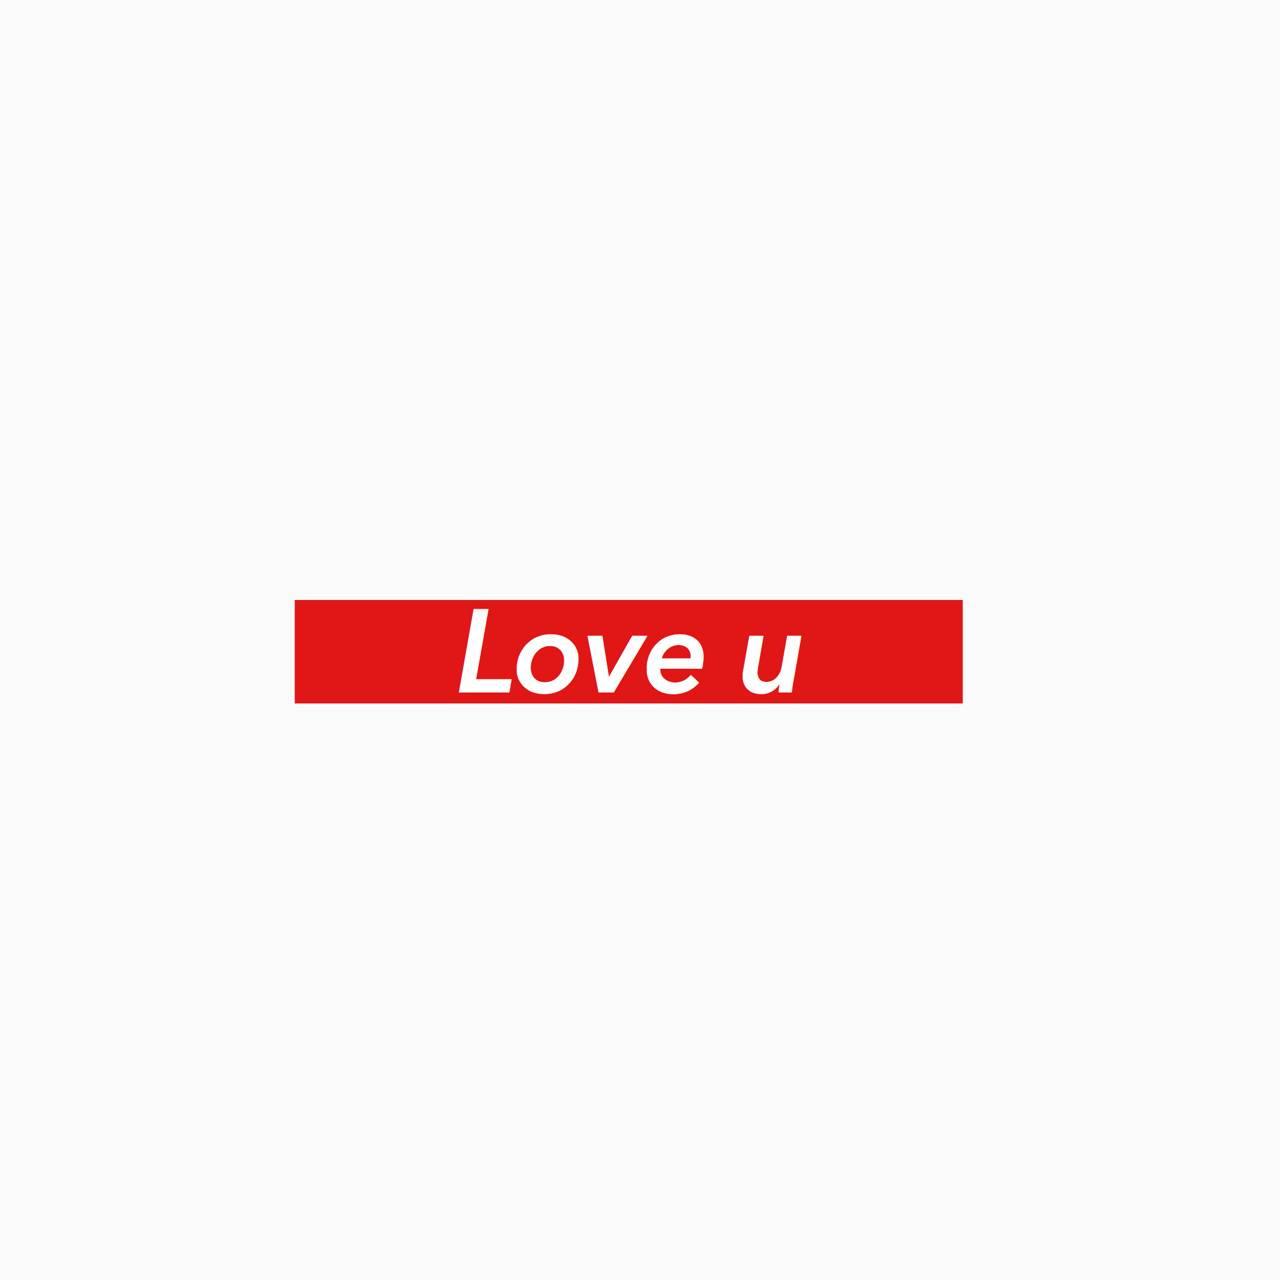 Love uuu